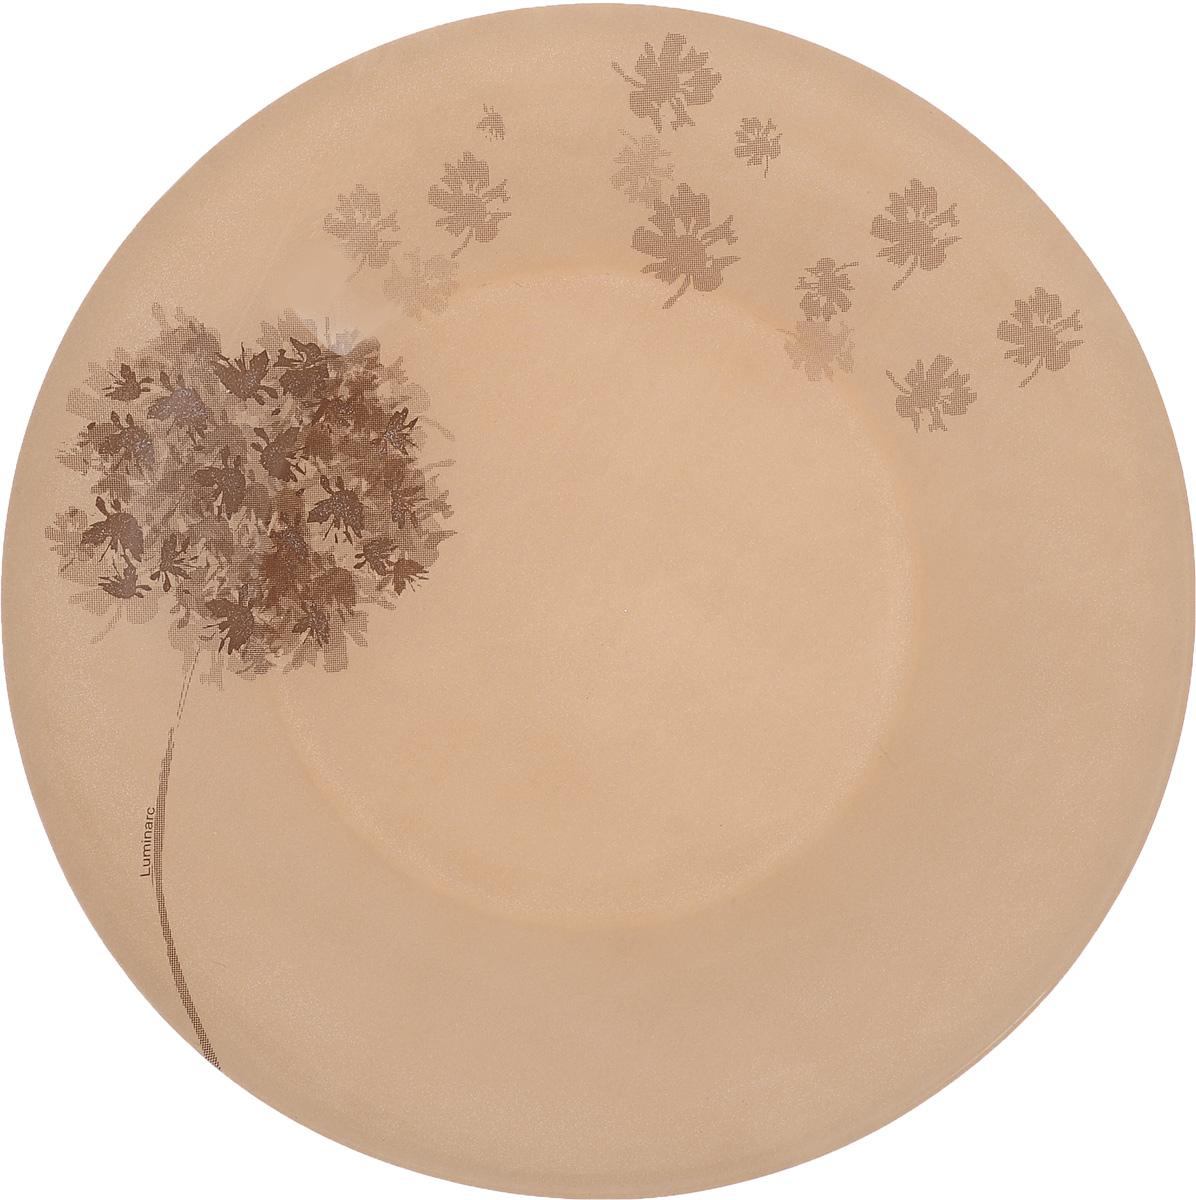 Тарелка десертная Luminarc Stella Chocolat, диаметр 19,5 см54 009312Десертная тарелка Luminarc Stella Chocolat, изготовленная из ударопрочного стекла, имеет изысканный внешний вид. Такая тарелка прекрасно подходит как для торжественных случаев, так и для повседневного использования. Идеальна для подачи десертов, пирожных, тортов и многого другого. Она прекрасно оформит стол и станет отличным дополнением к вашей коллекции кухонной посуды. Диаметр тарелки (по верхнему краю): 19,5 см. Высота тарелки: 1,7 см.